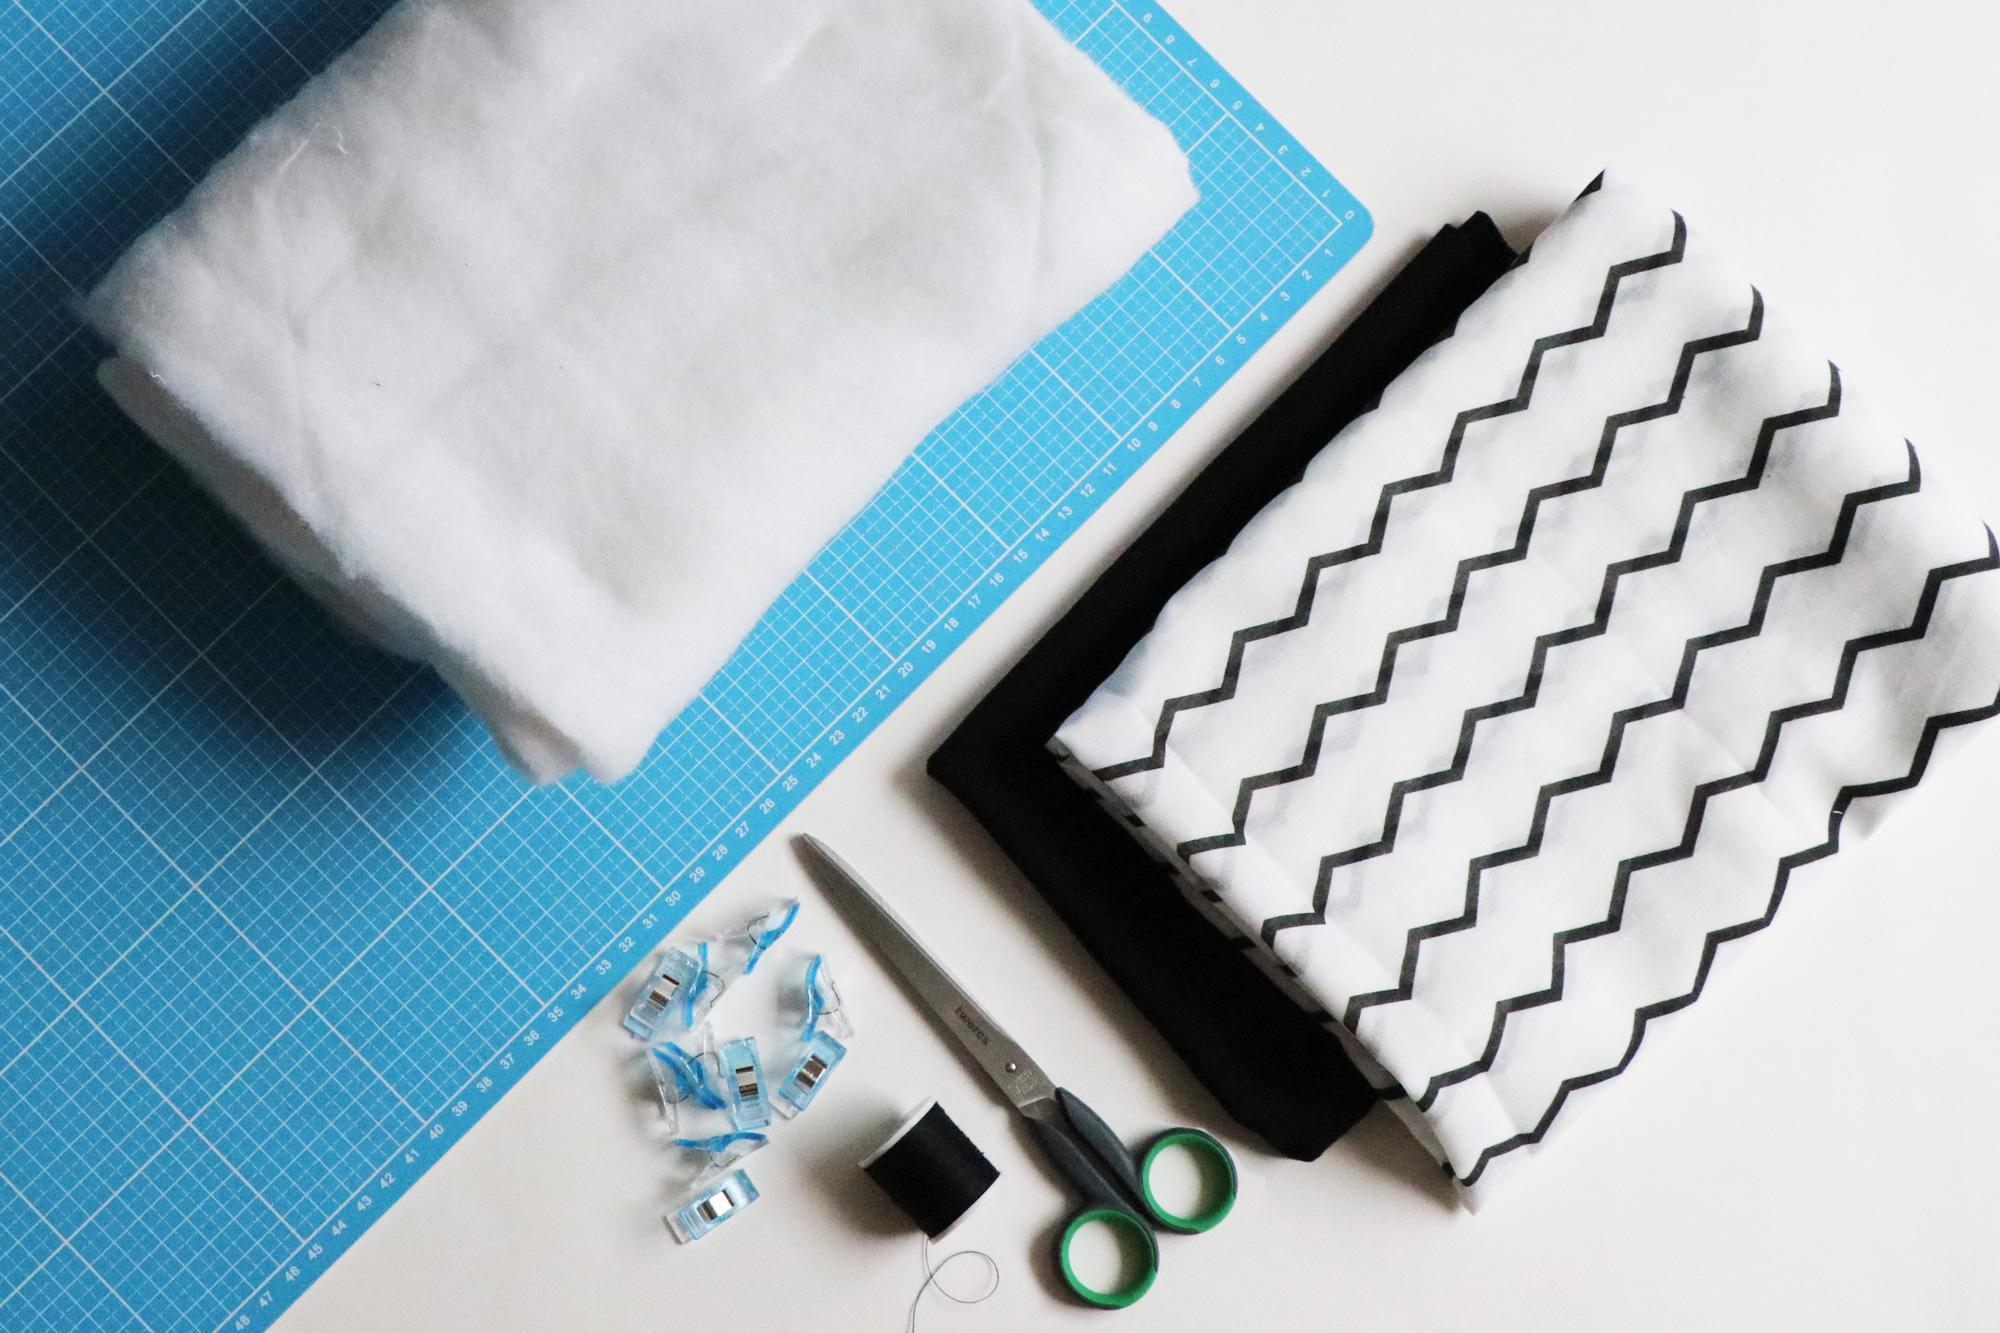 upcycling diy wie man einen zeitschriften hocker selbst bauen kann. Black Bedroom Furniture Sets. Home Design Ideas